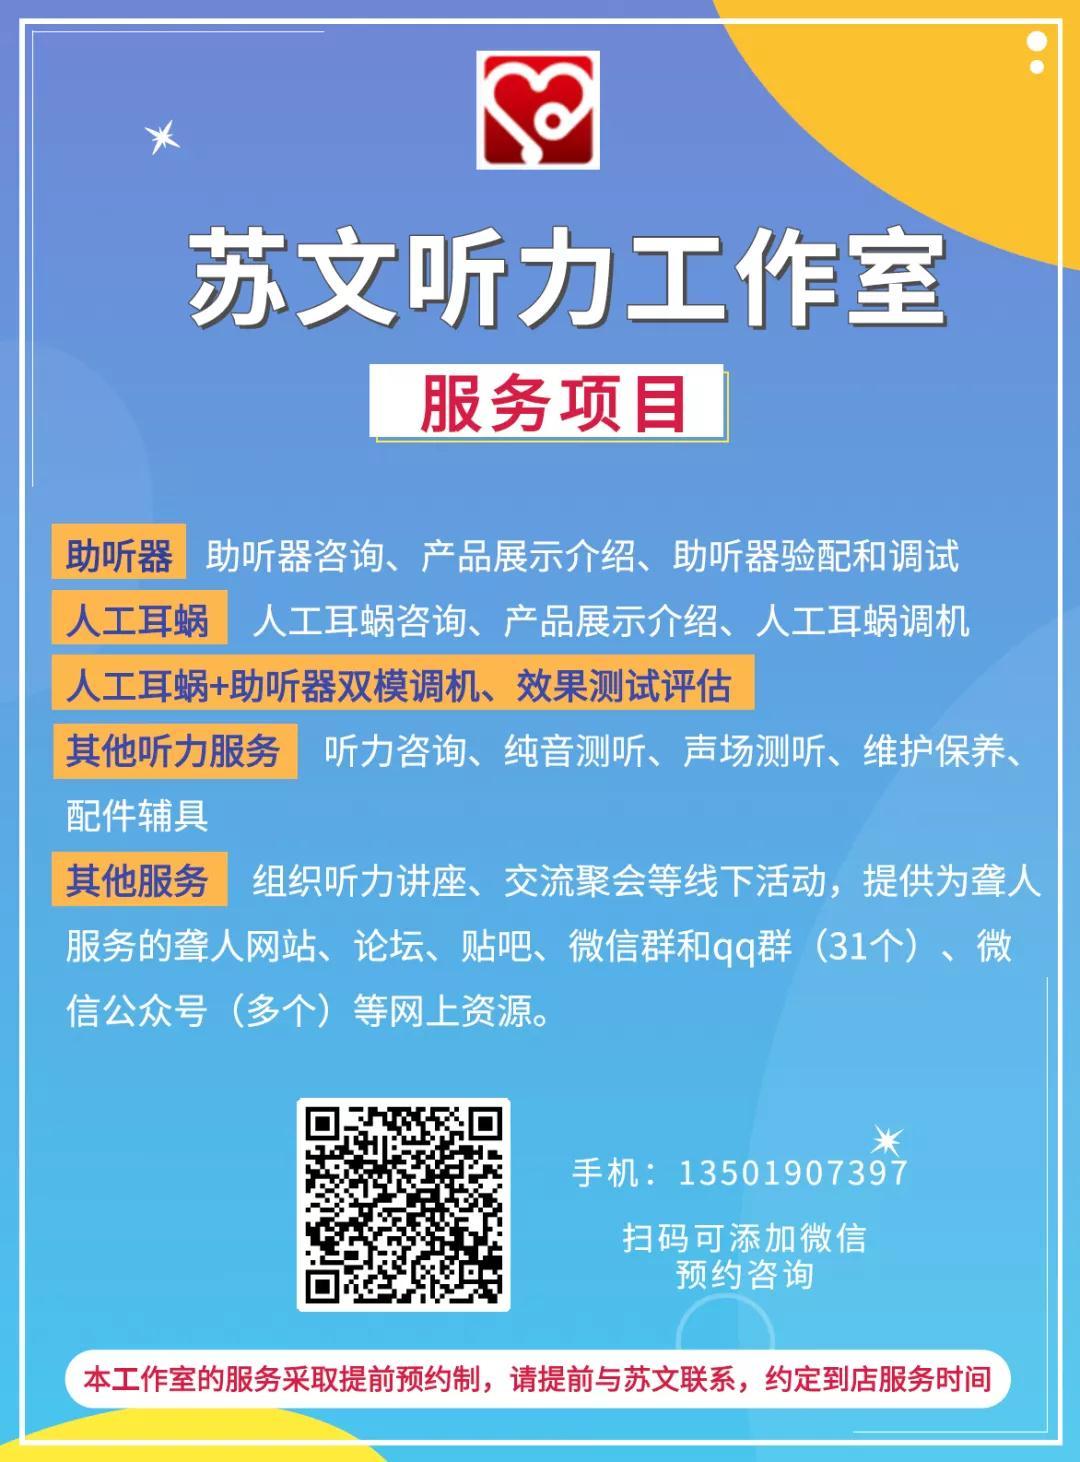 陕西省人工耳蜗手术定点医院增至6家